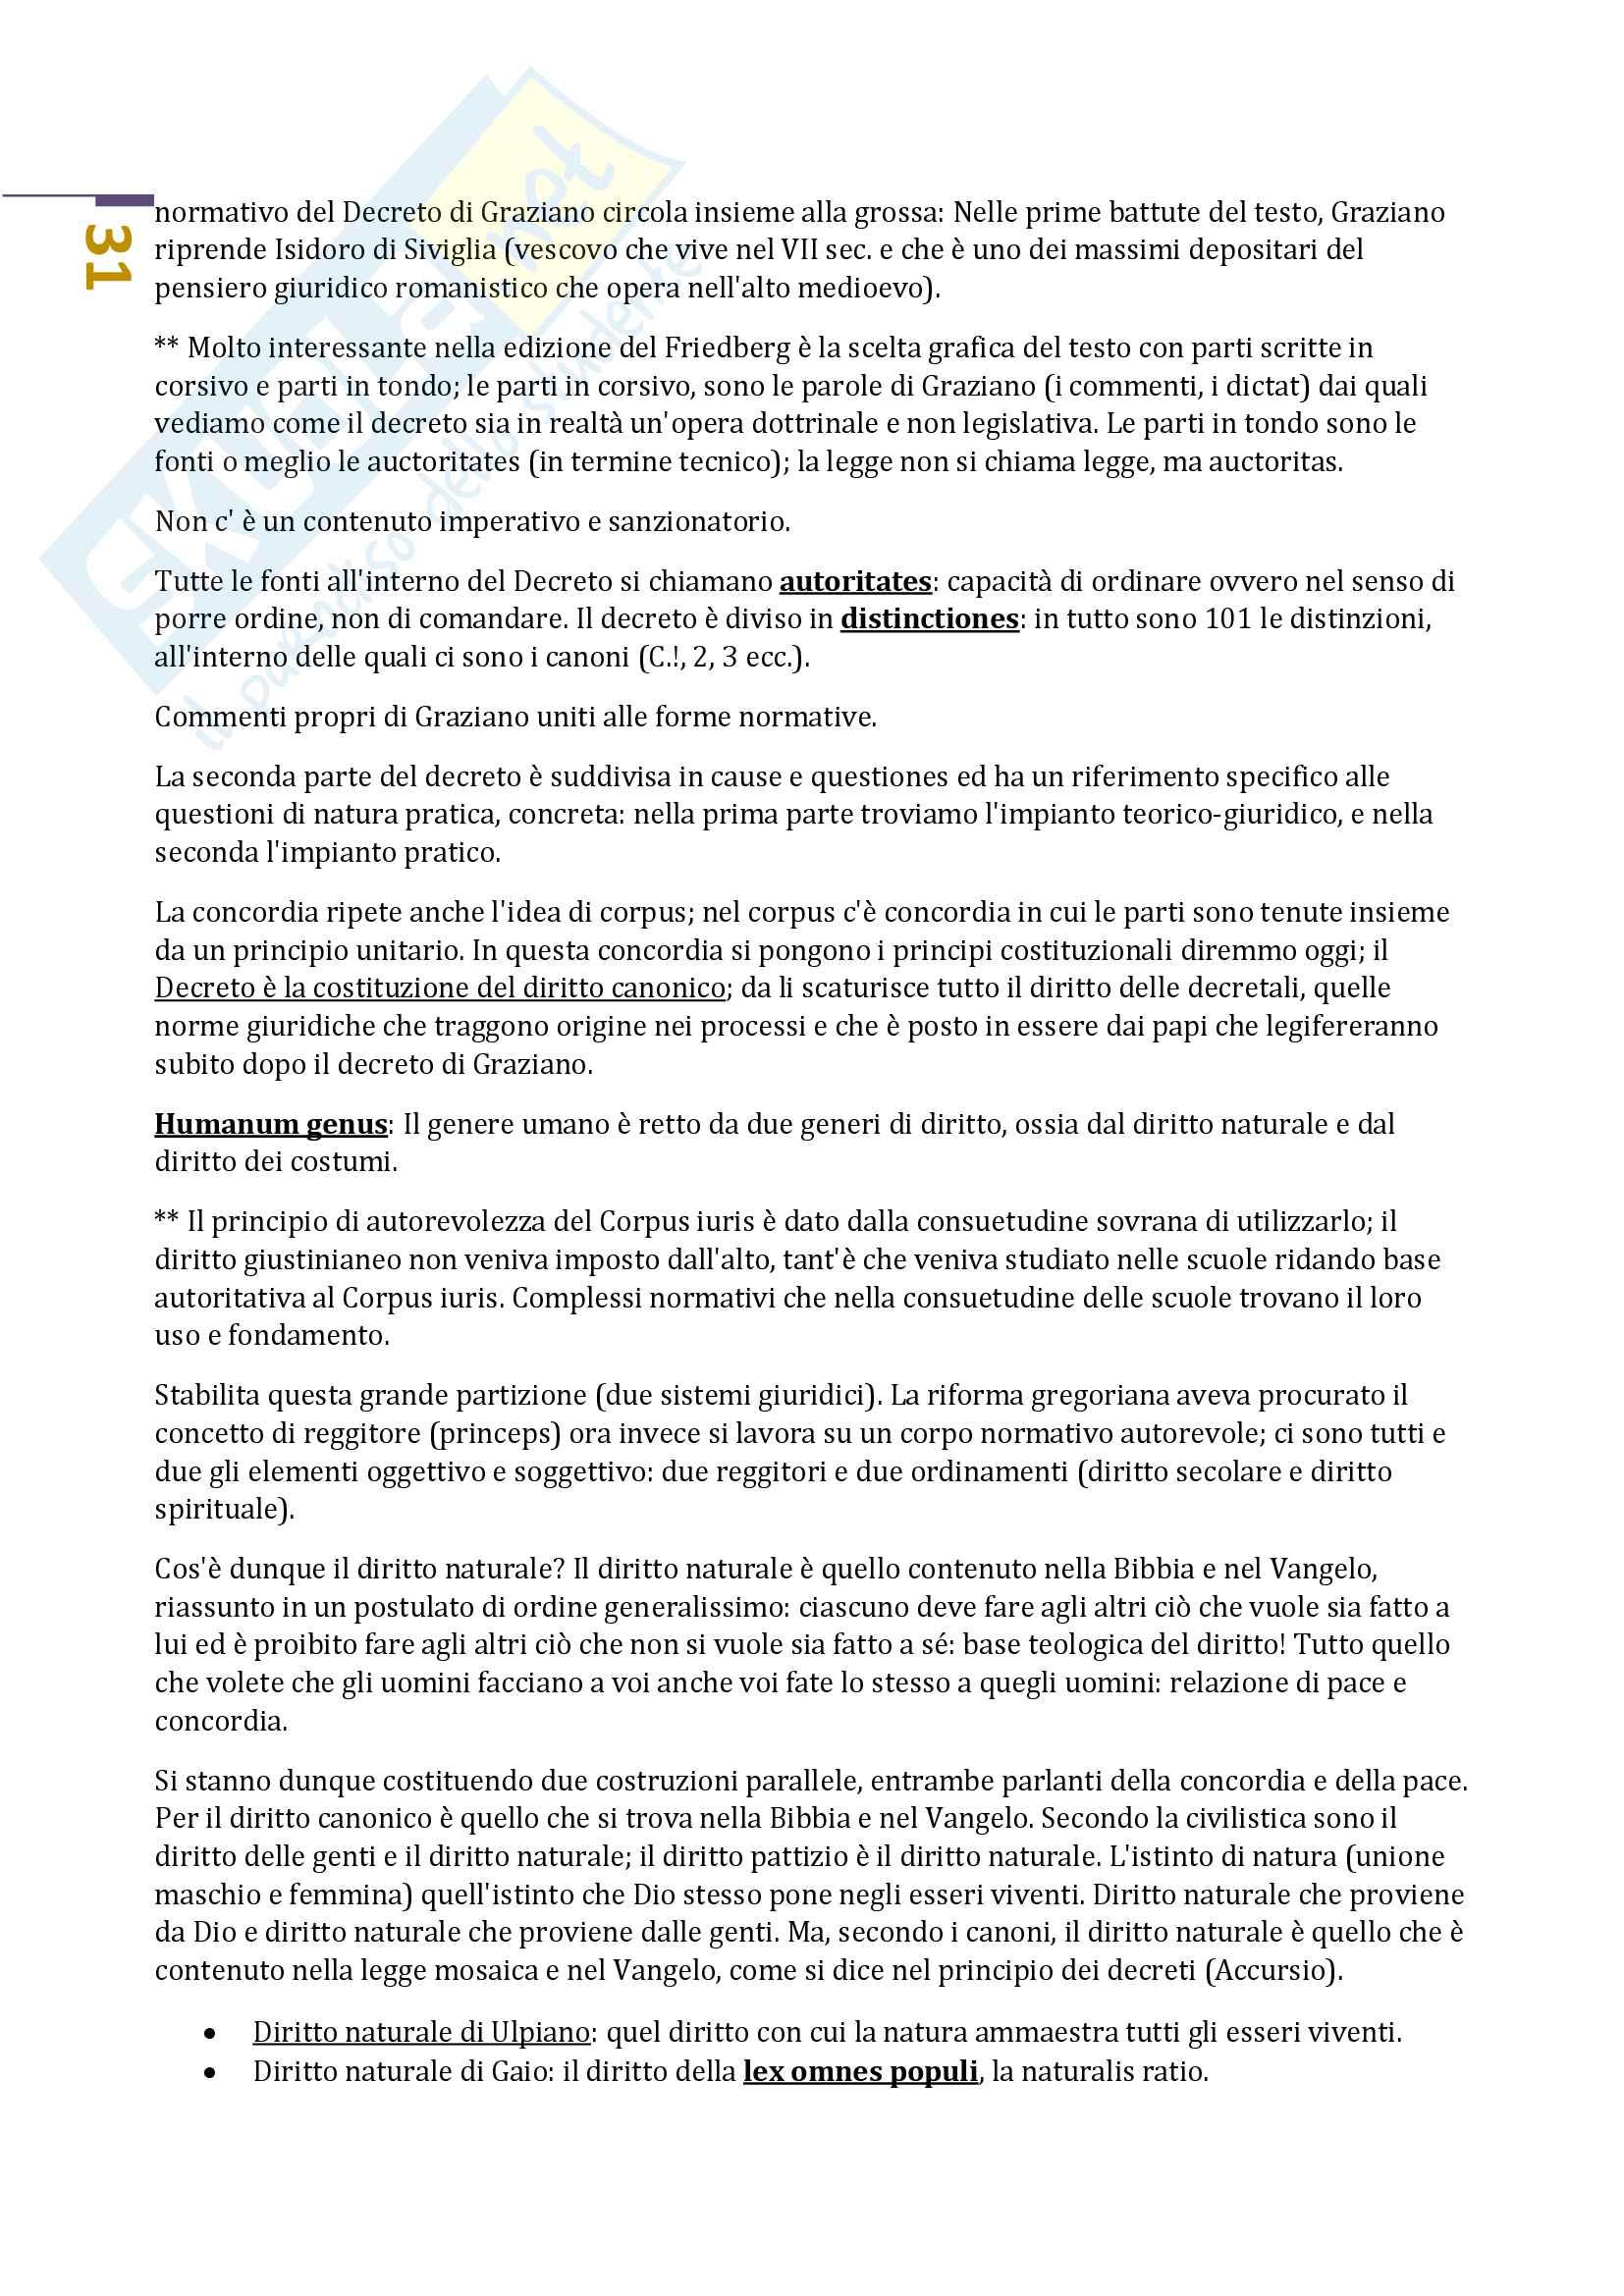 Storia del diritto medievale e moderno 1 Prof.ssa Natalini (Unitn). Pag. 31